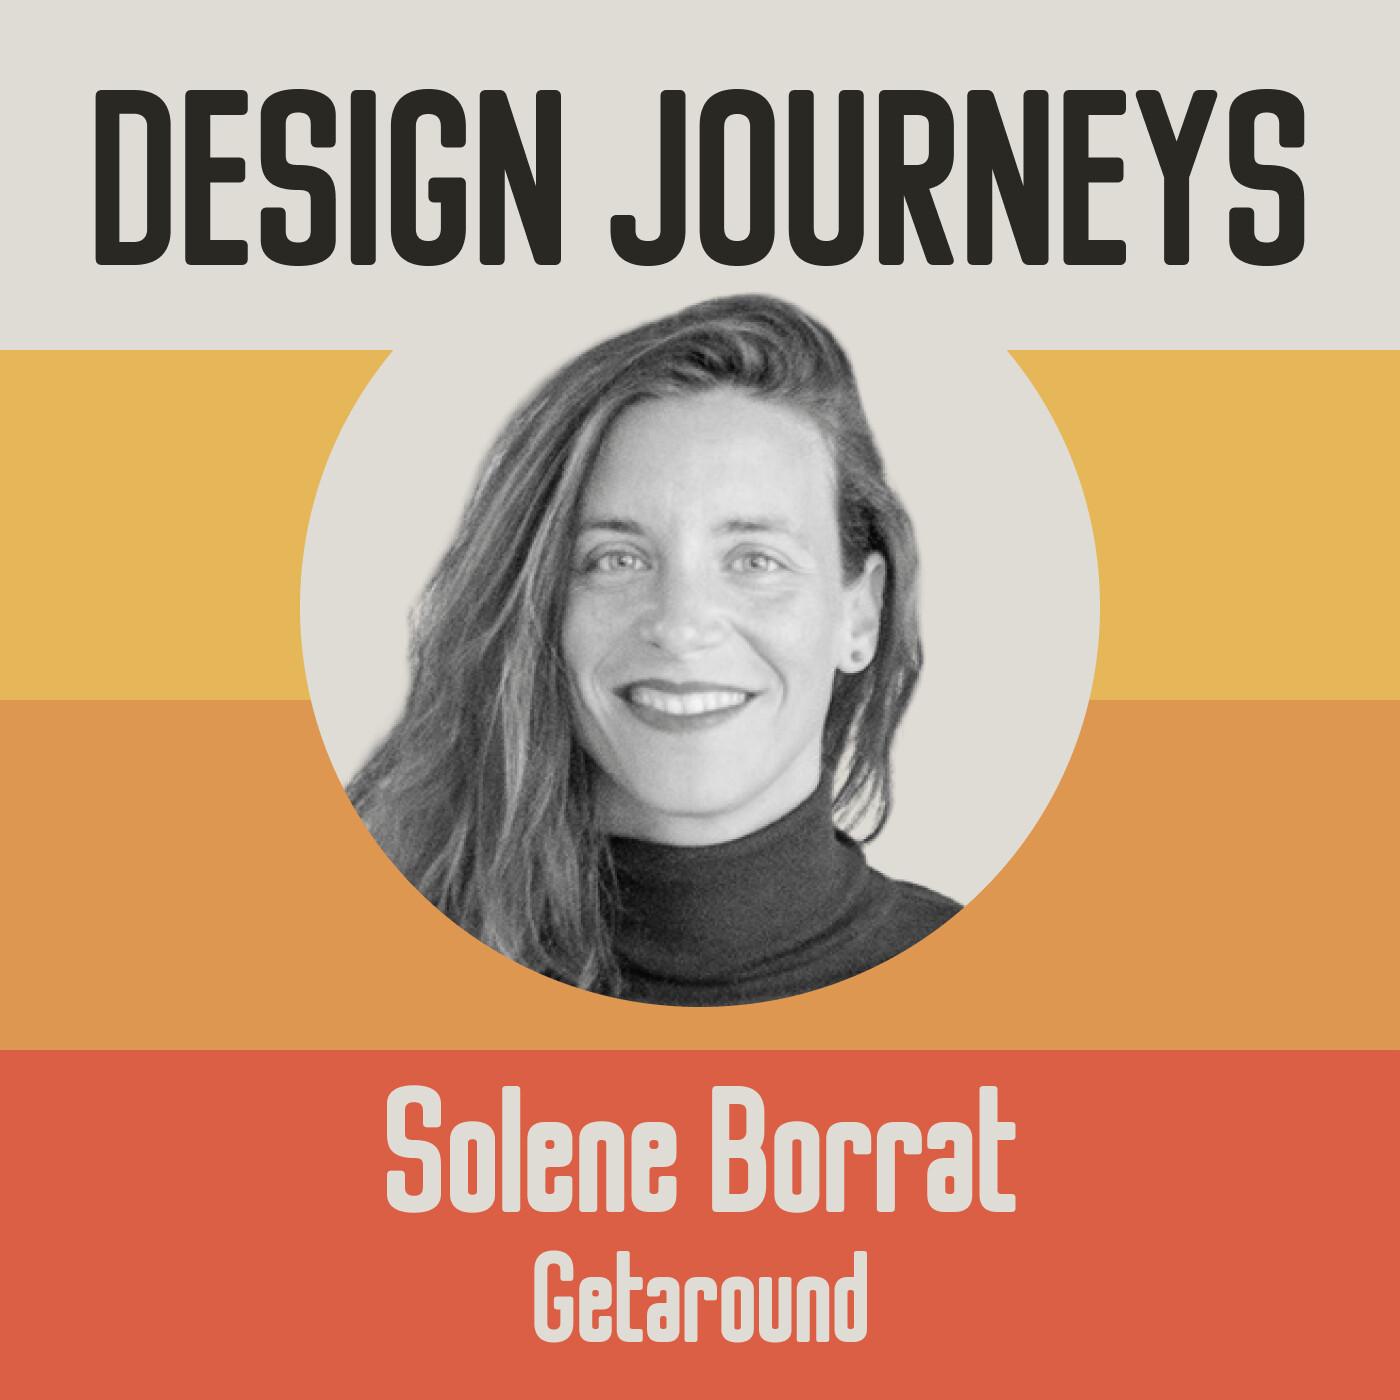 #16 Solène Borrat - Getaround - Prendre le temps de démocratiser le design et de connaître ses utilisateurs